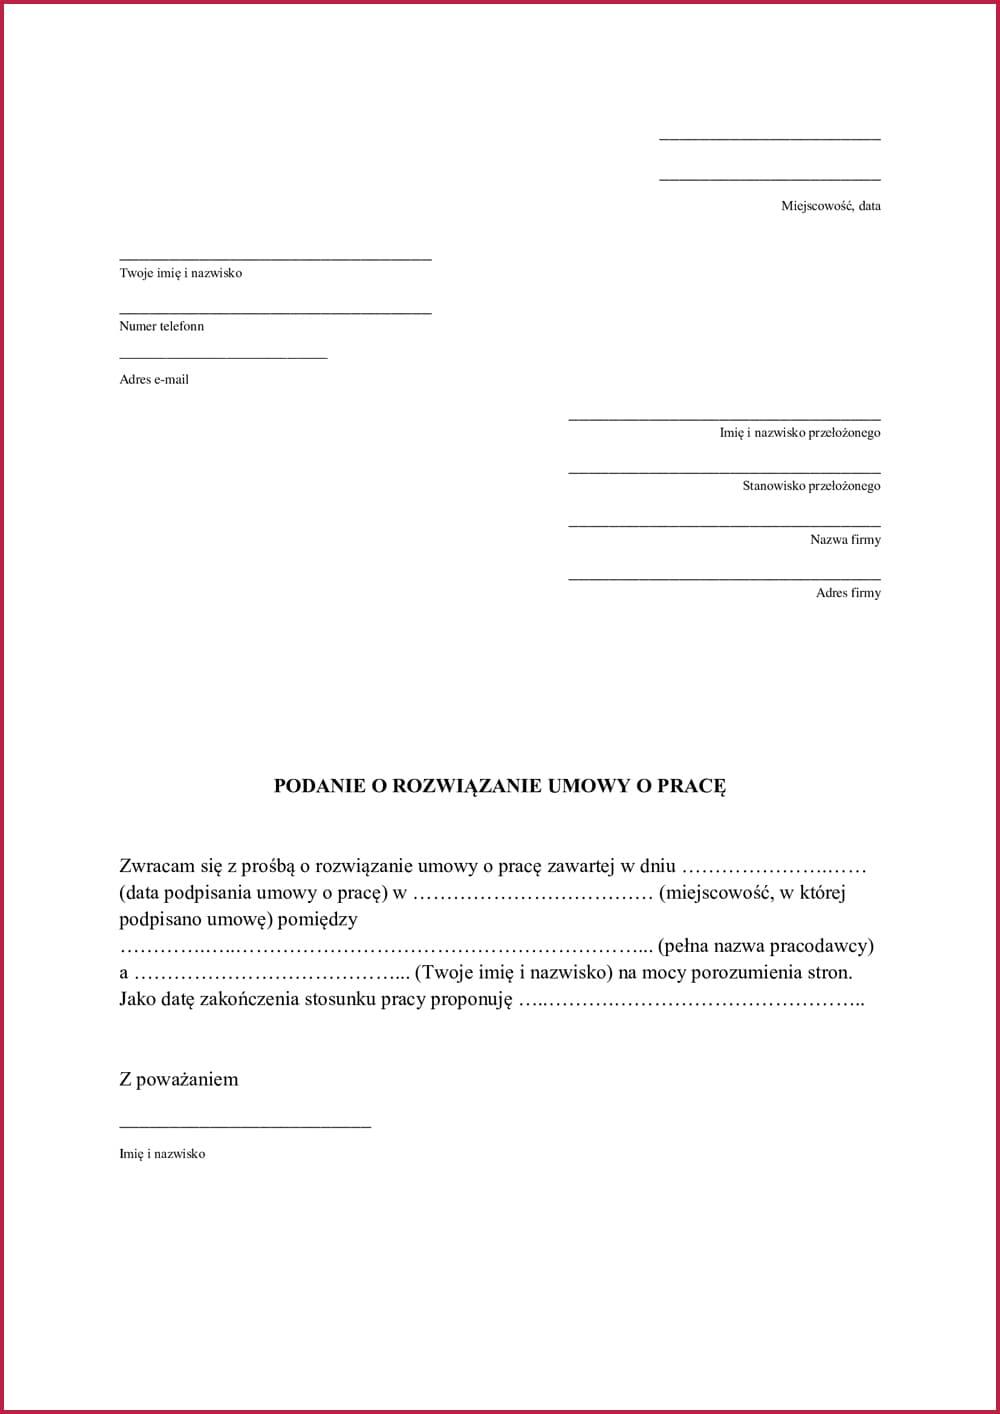 Podanie o rozwiązanie umowy o pracę